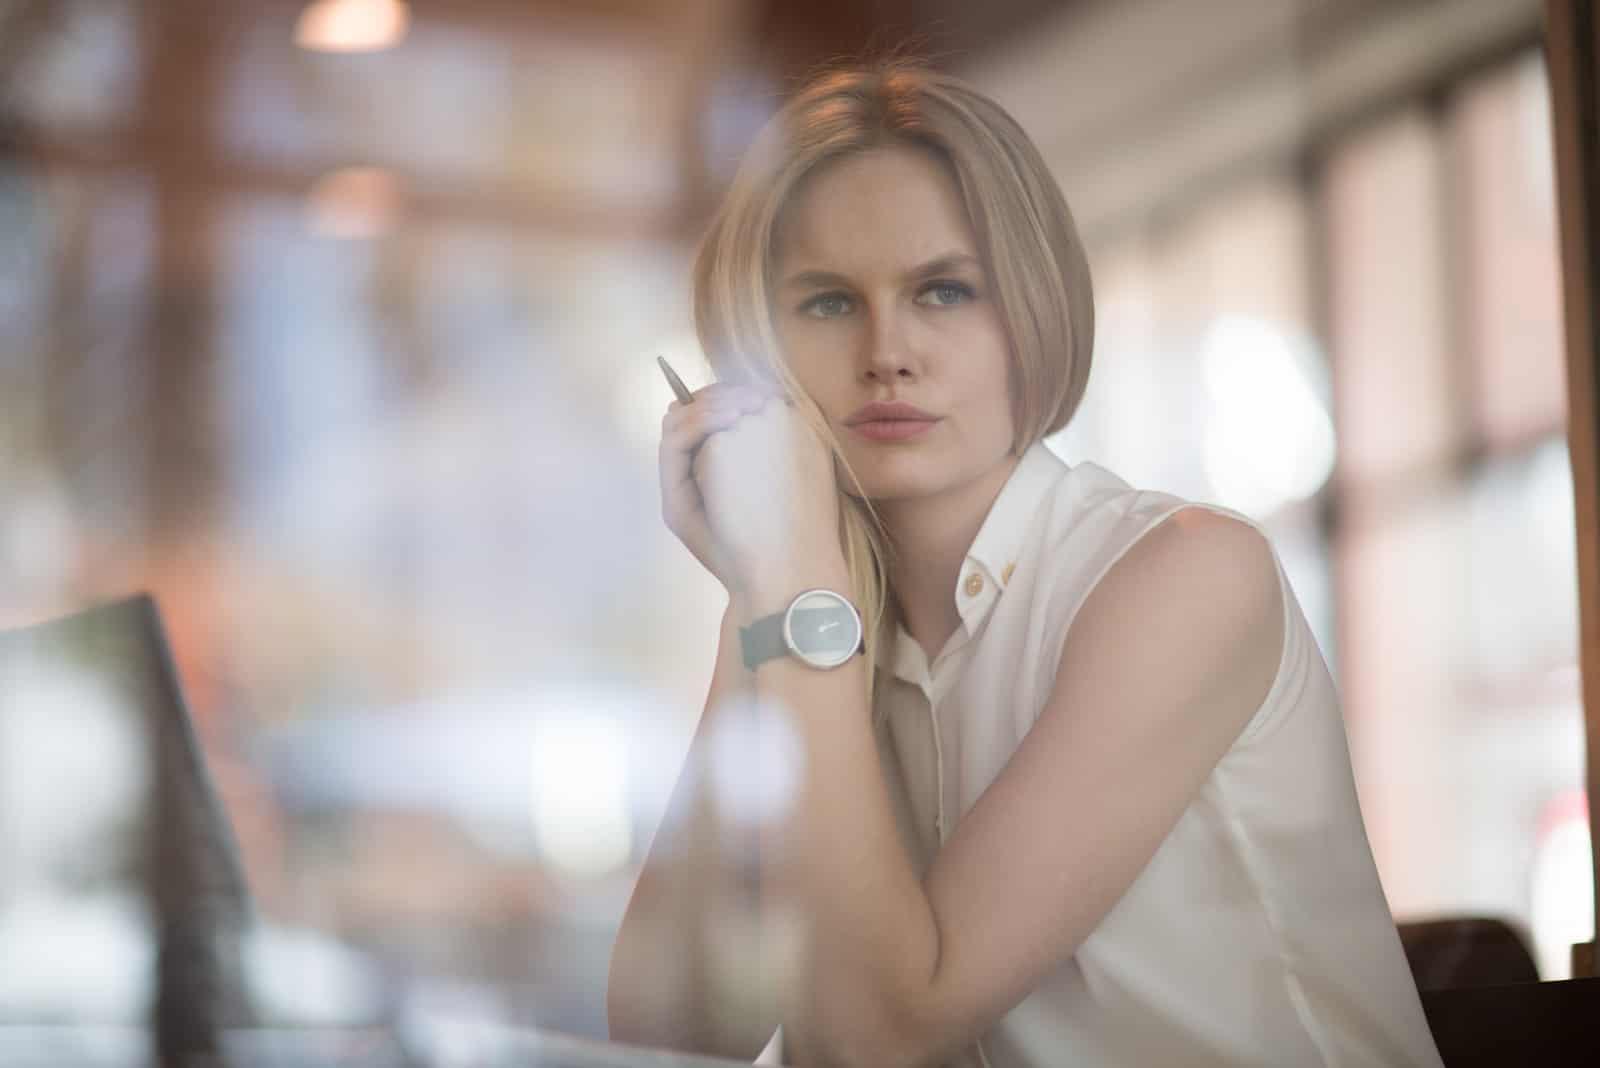 Eine Geschäftsfrau sitzt an einem Schreibtisch am Fenster